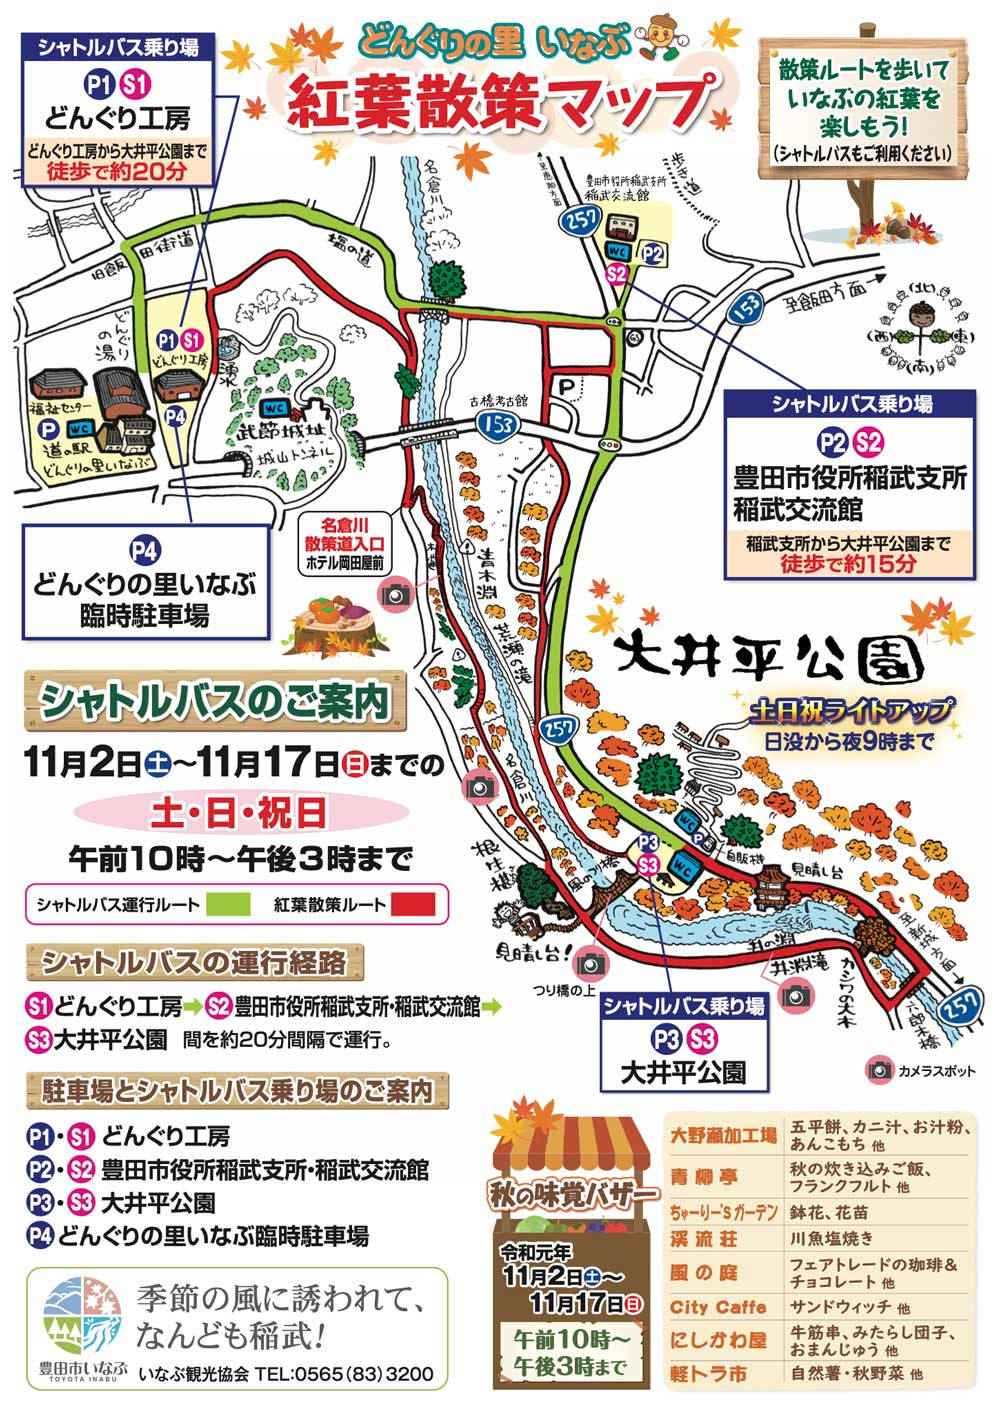 大井平公園もみじまつり マップ